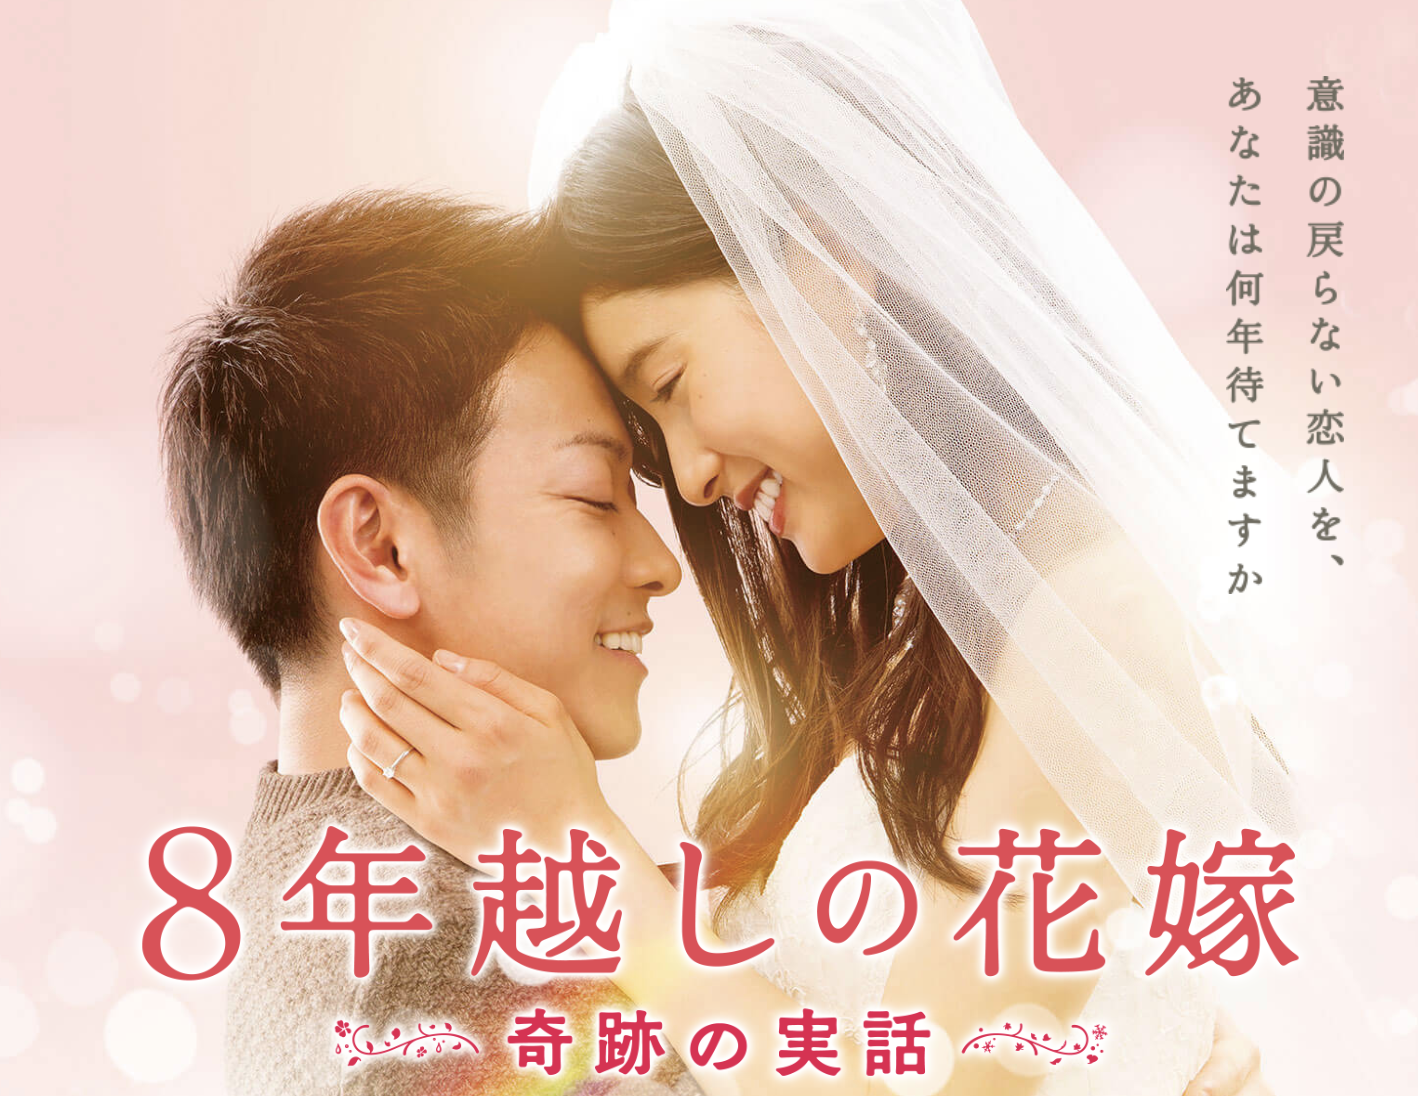 8年越しの花嫁 奇跡の実話はどれで配信してる?